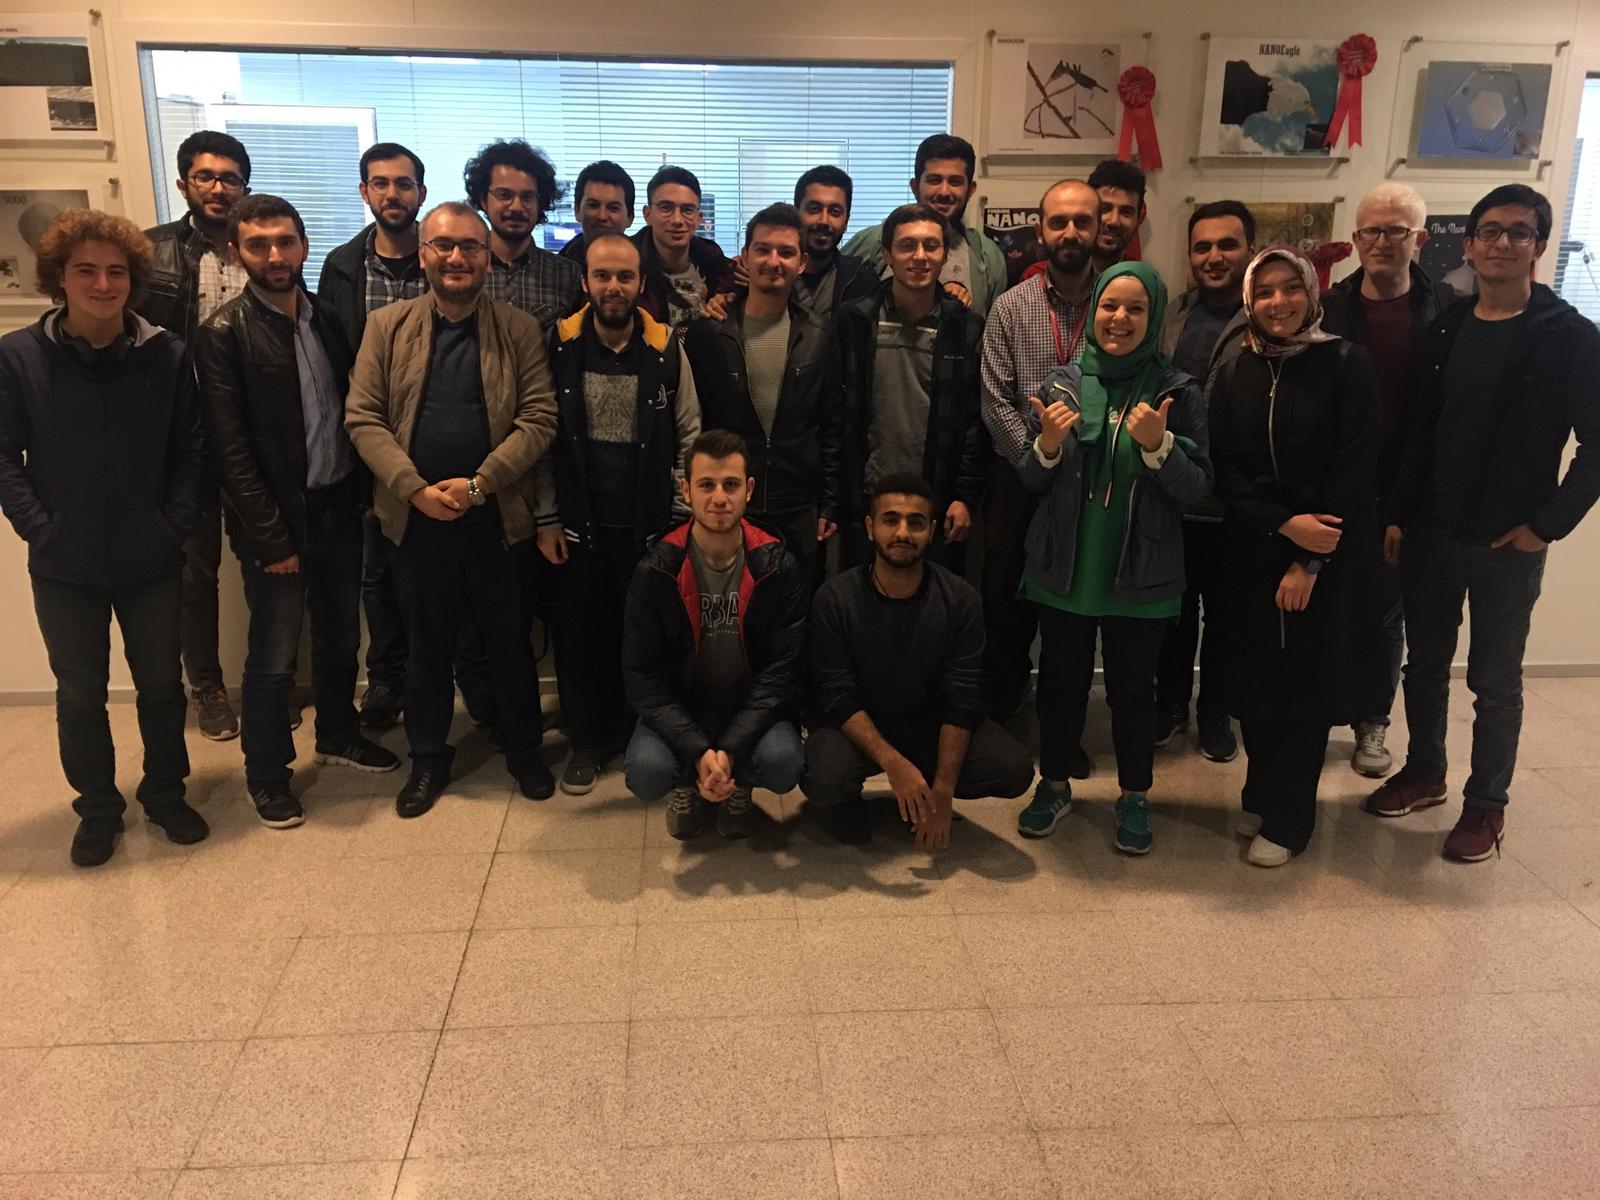 Bilkent Üniversitesi Malzeme Bilimi ve Nanoteknoloji Enstitüsü'ne Teknik Gezi